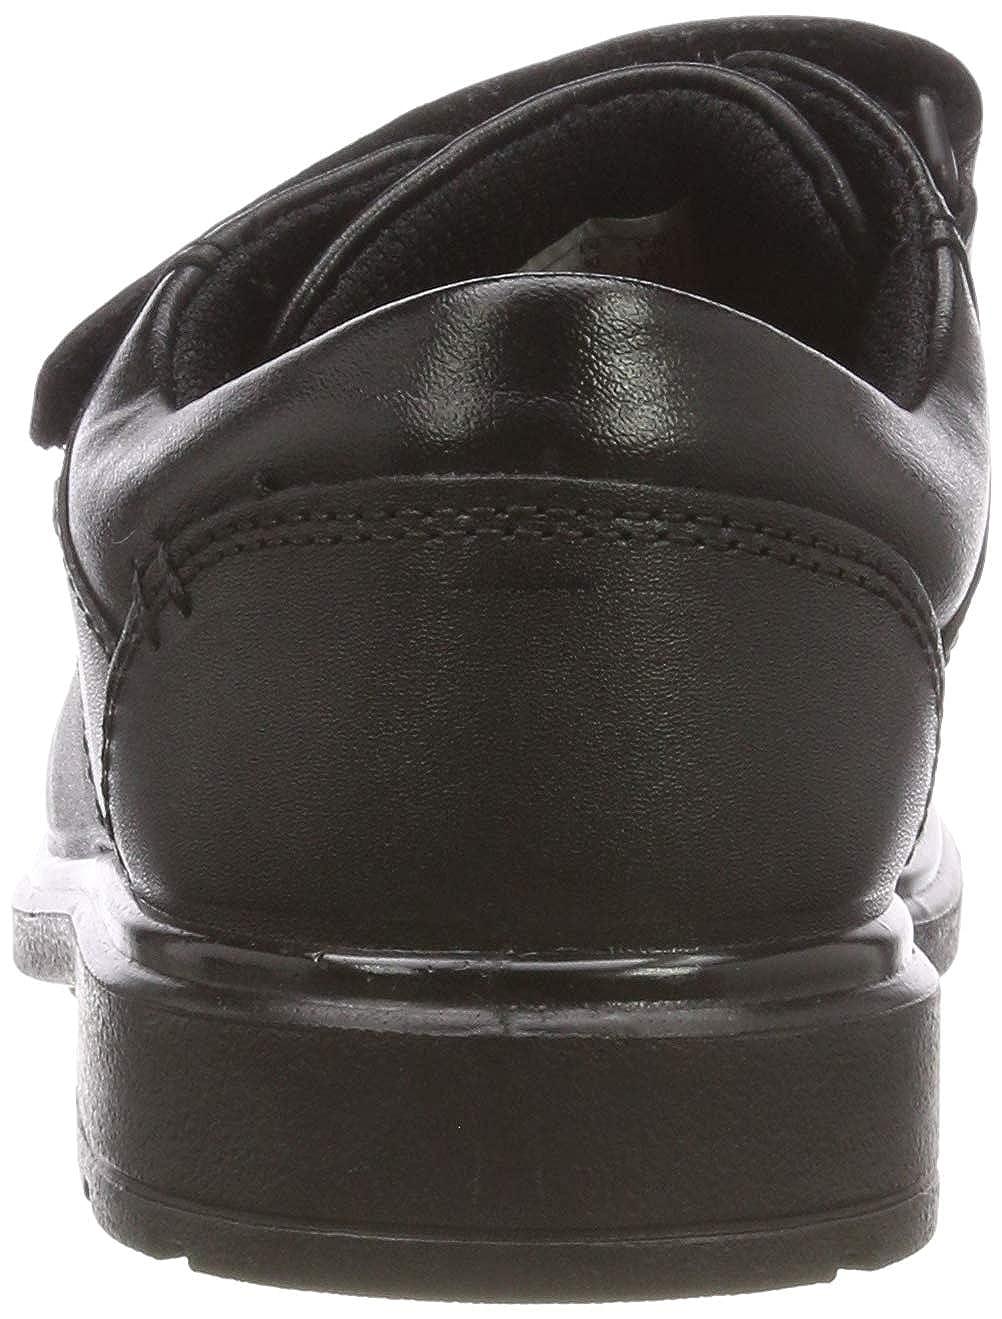 Clarks Remi Pace Inf, Zapatos de Cordones Derby para Niños